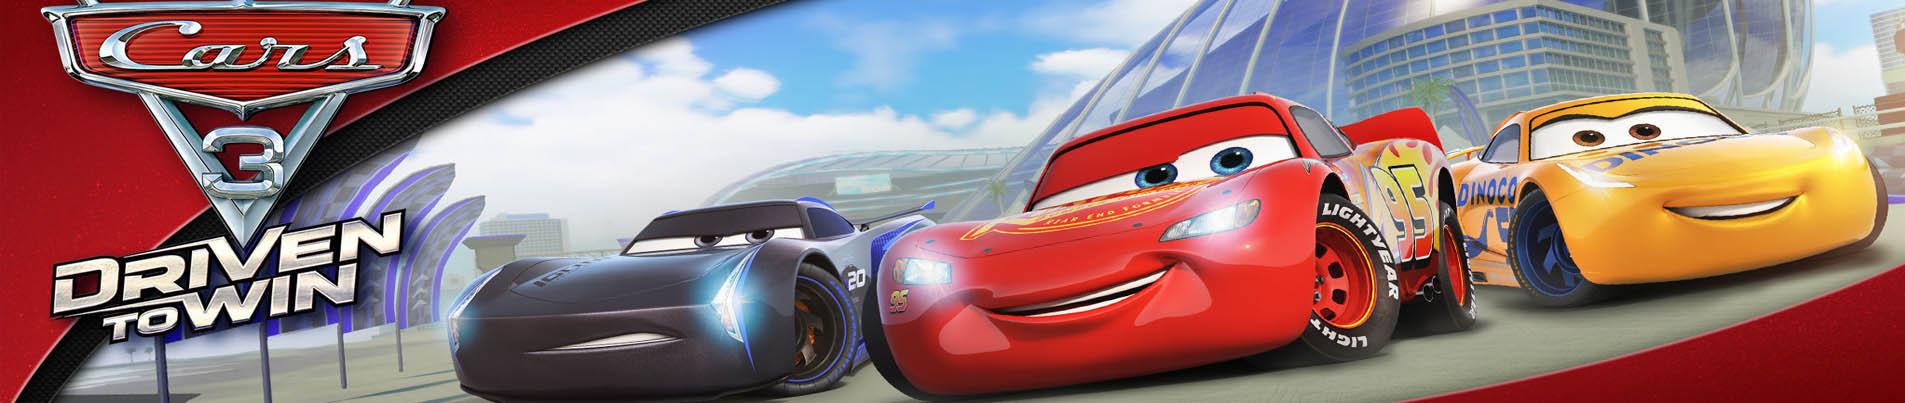 Venta al por mayor de la mercancía de Disney de Cars 3